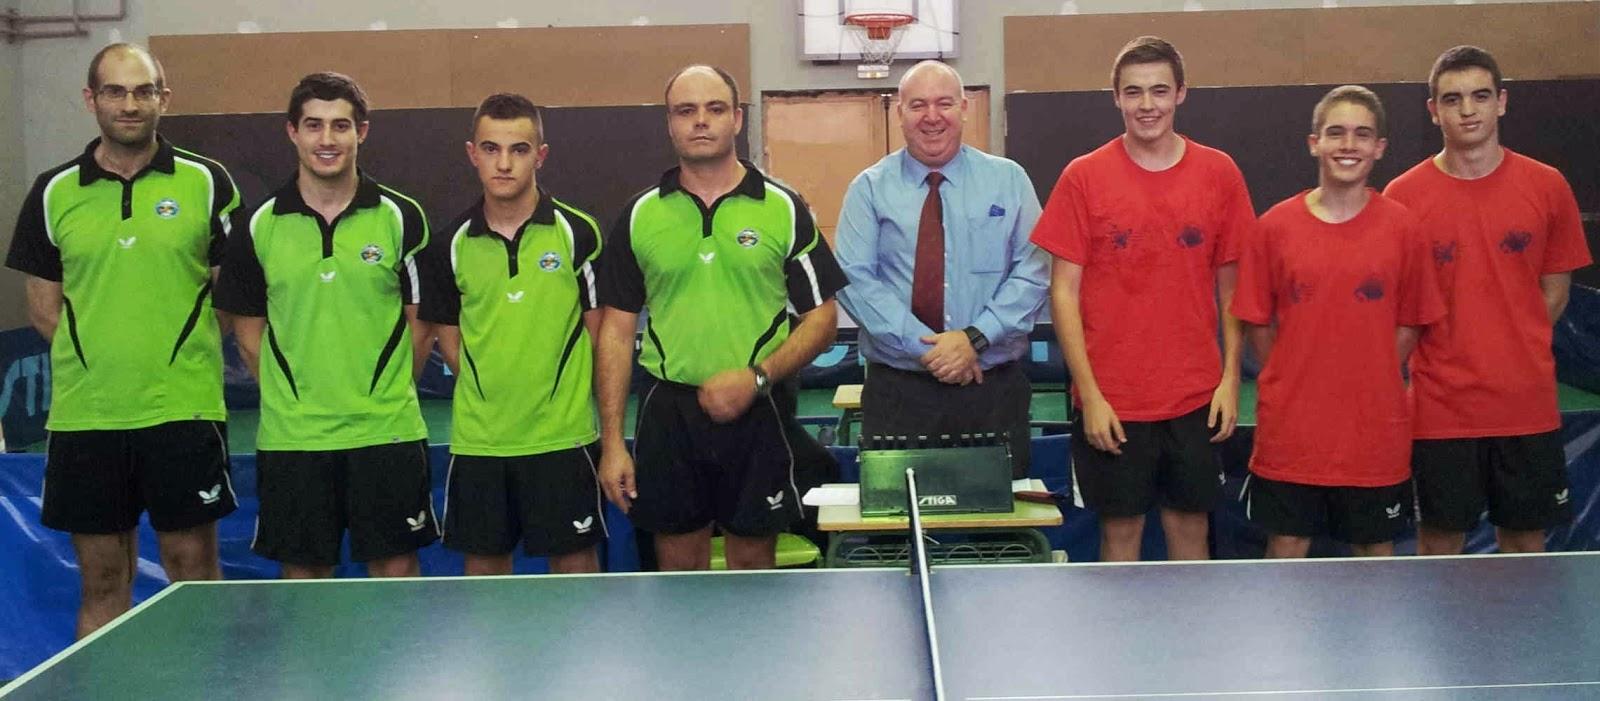 Federaci n de tenis de mesa del principado de asturias octubre 2014 - Aviles tenis de mesa ...